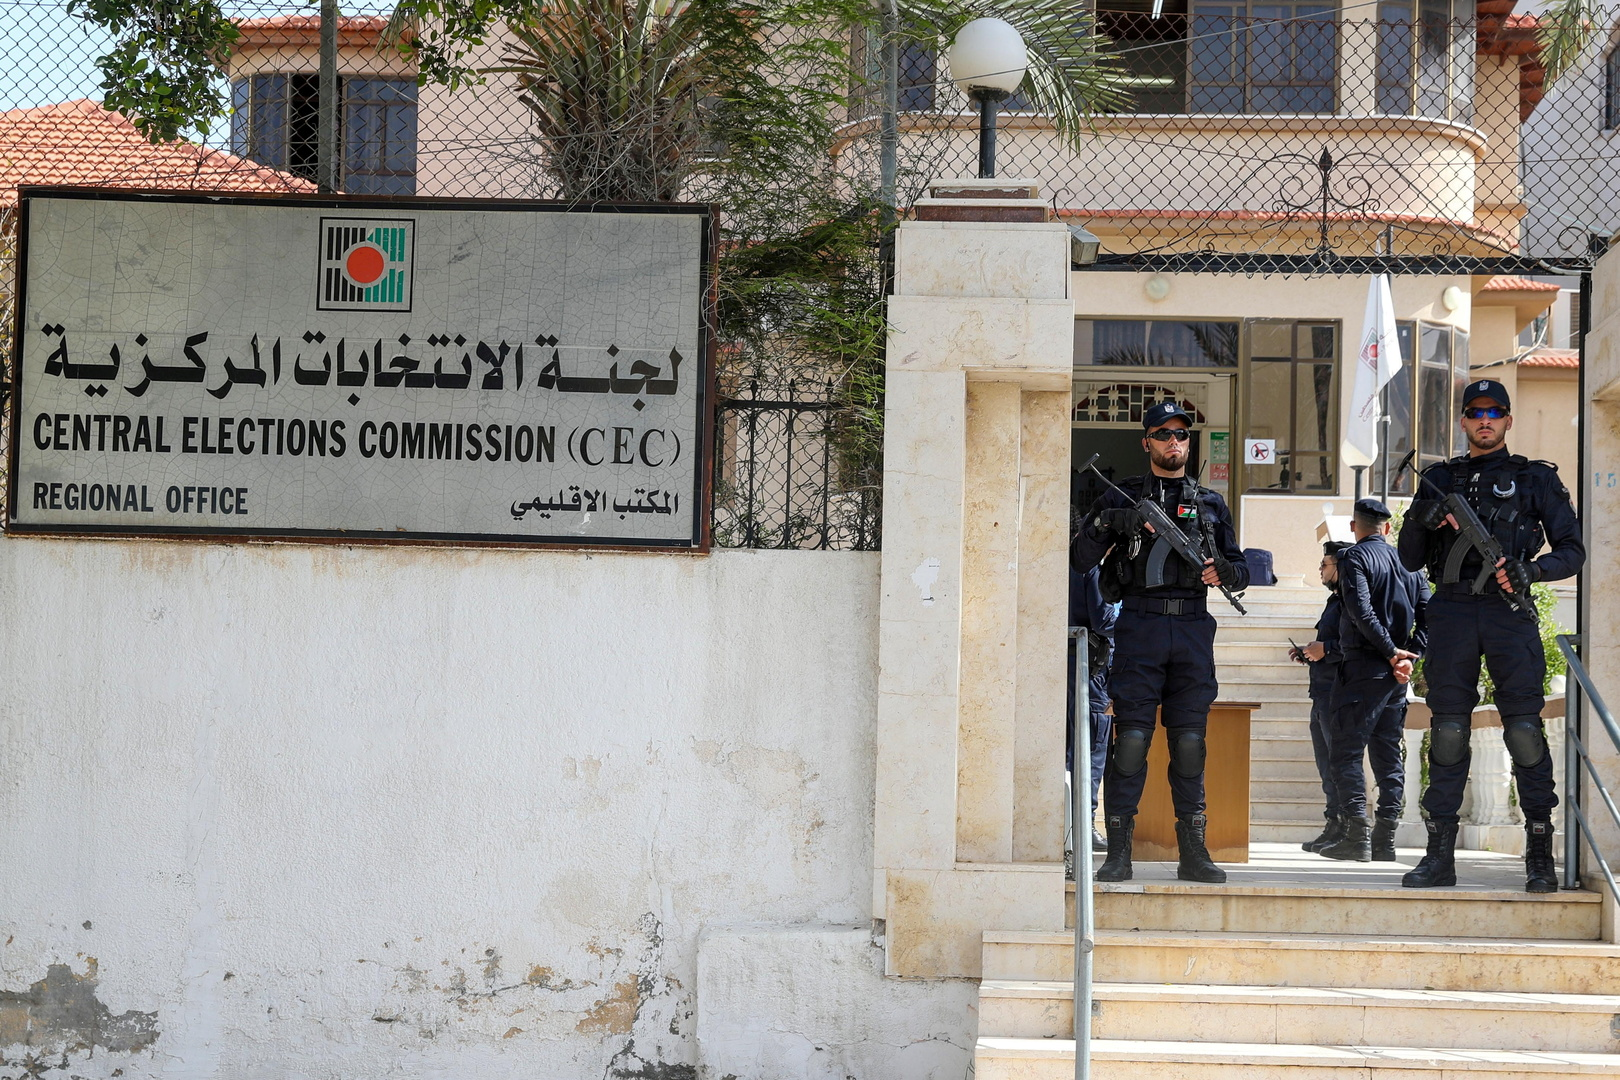 15 قائمة انتخابية فلسطينية تعتبر تأجيل الانتخابات